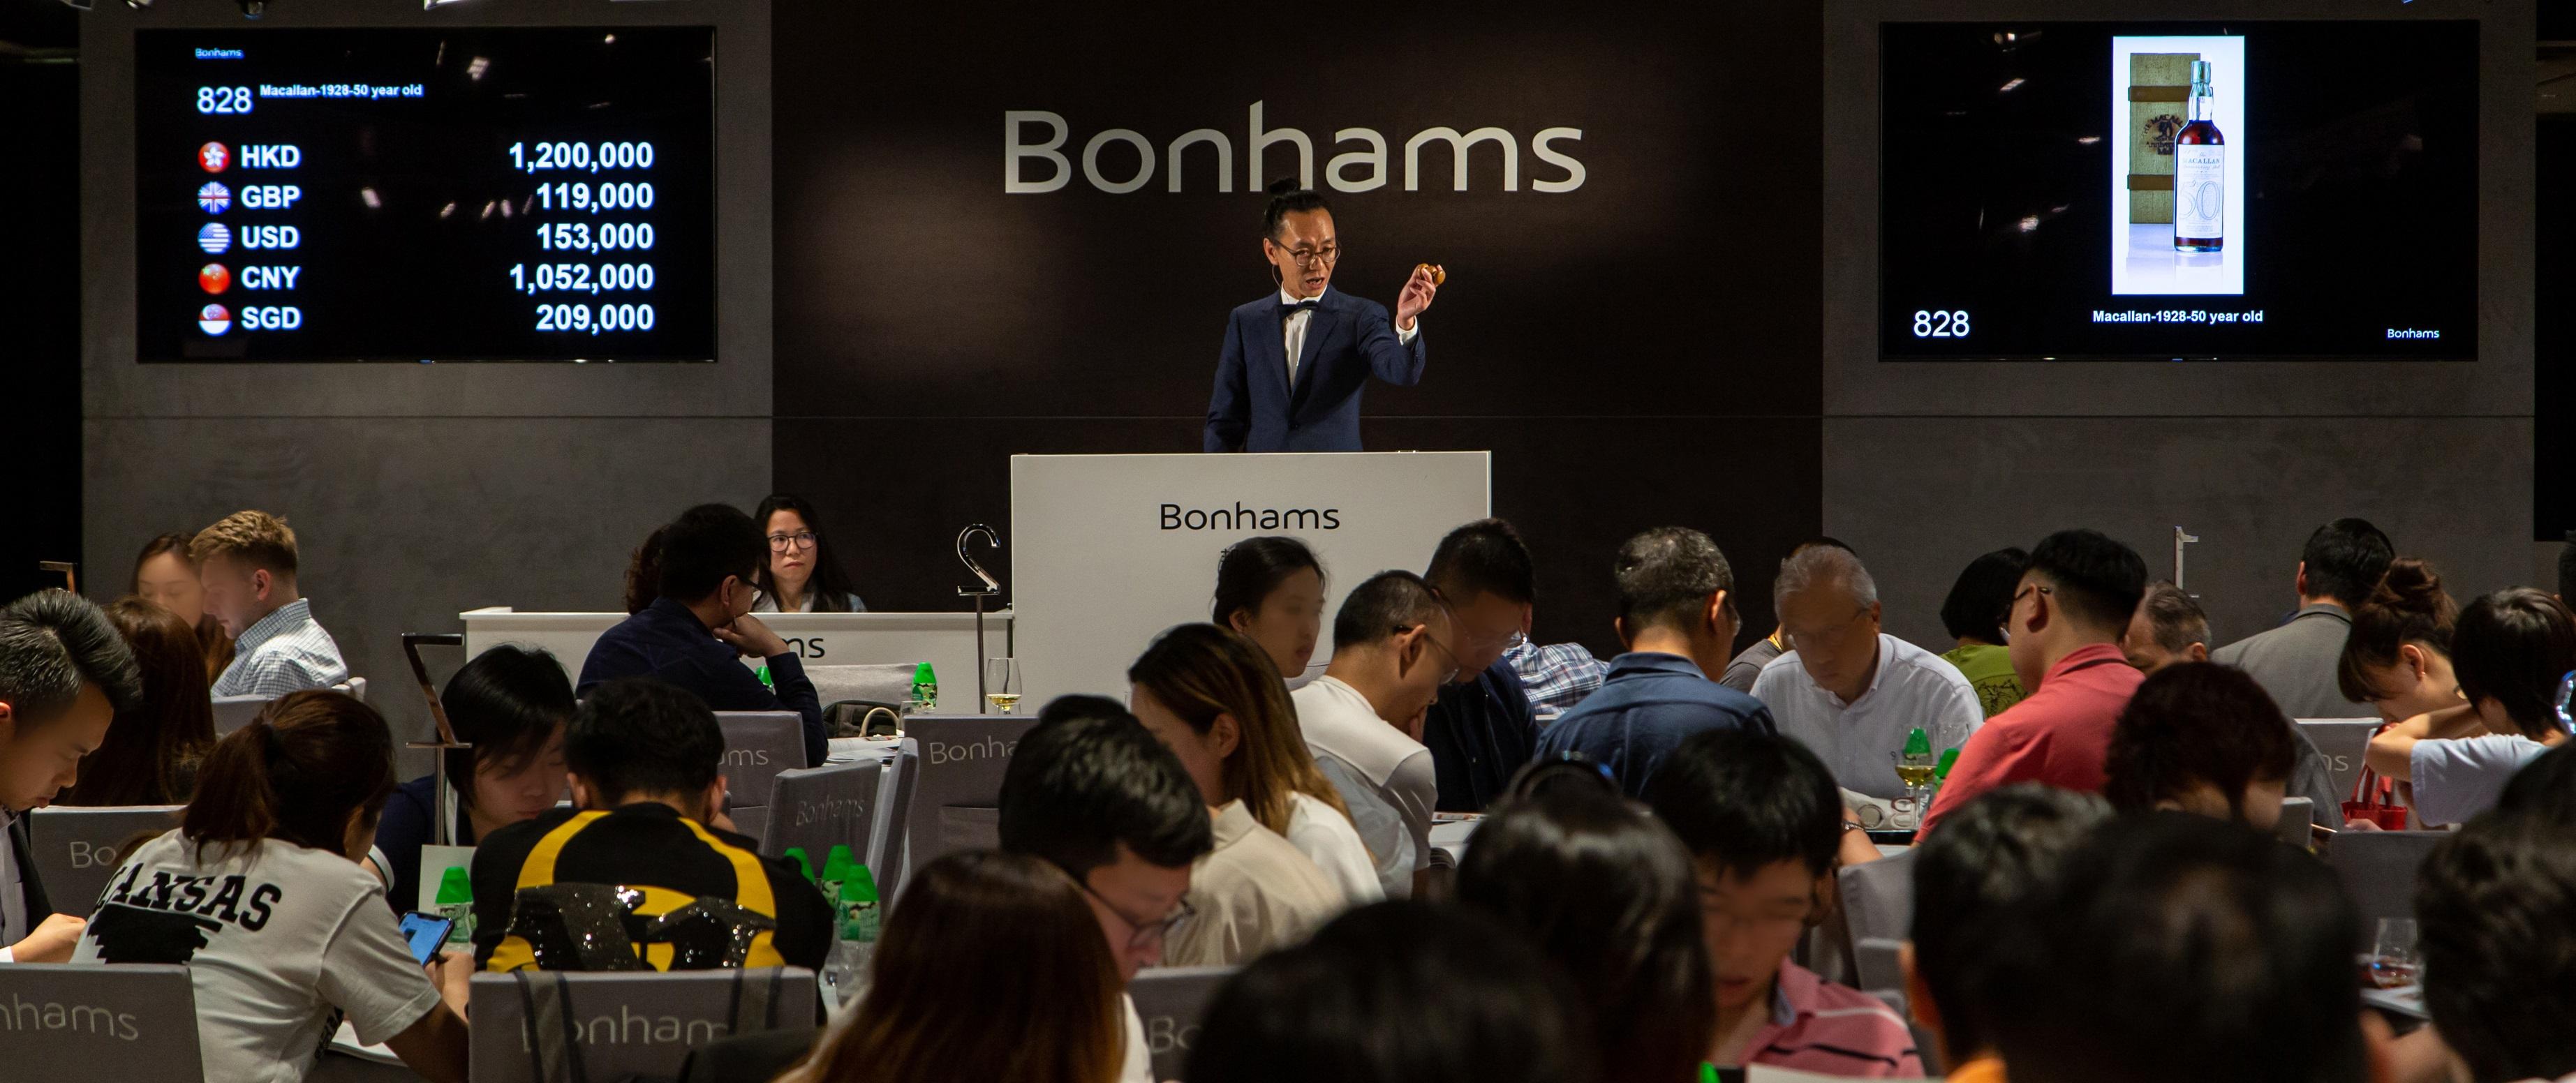 Top whiskies lead Bonhams HK sale